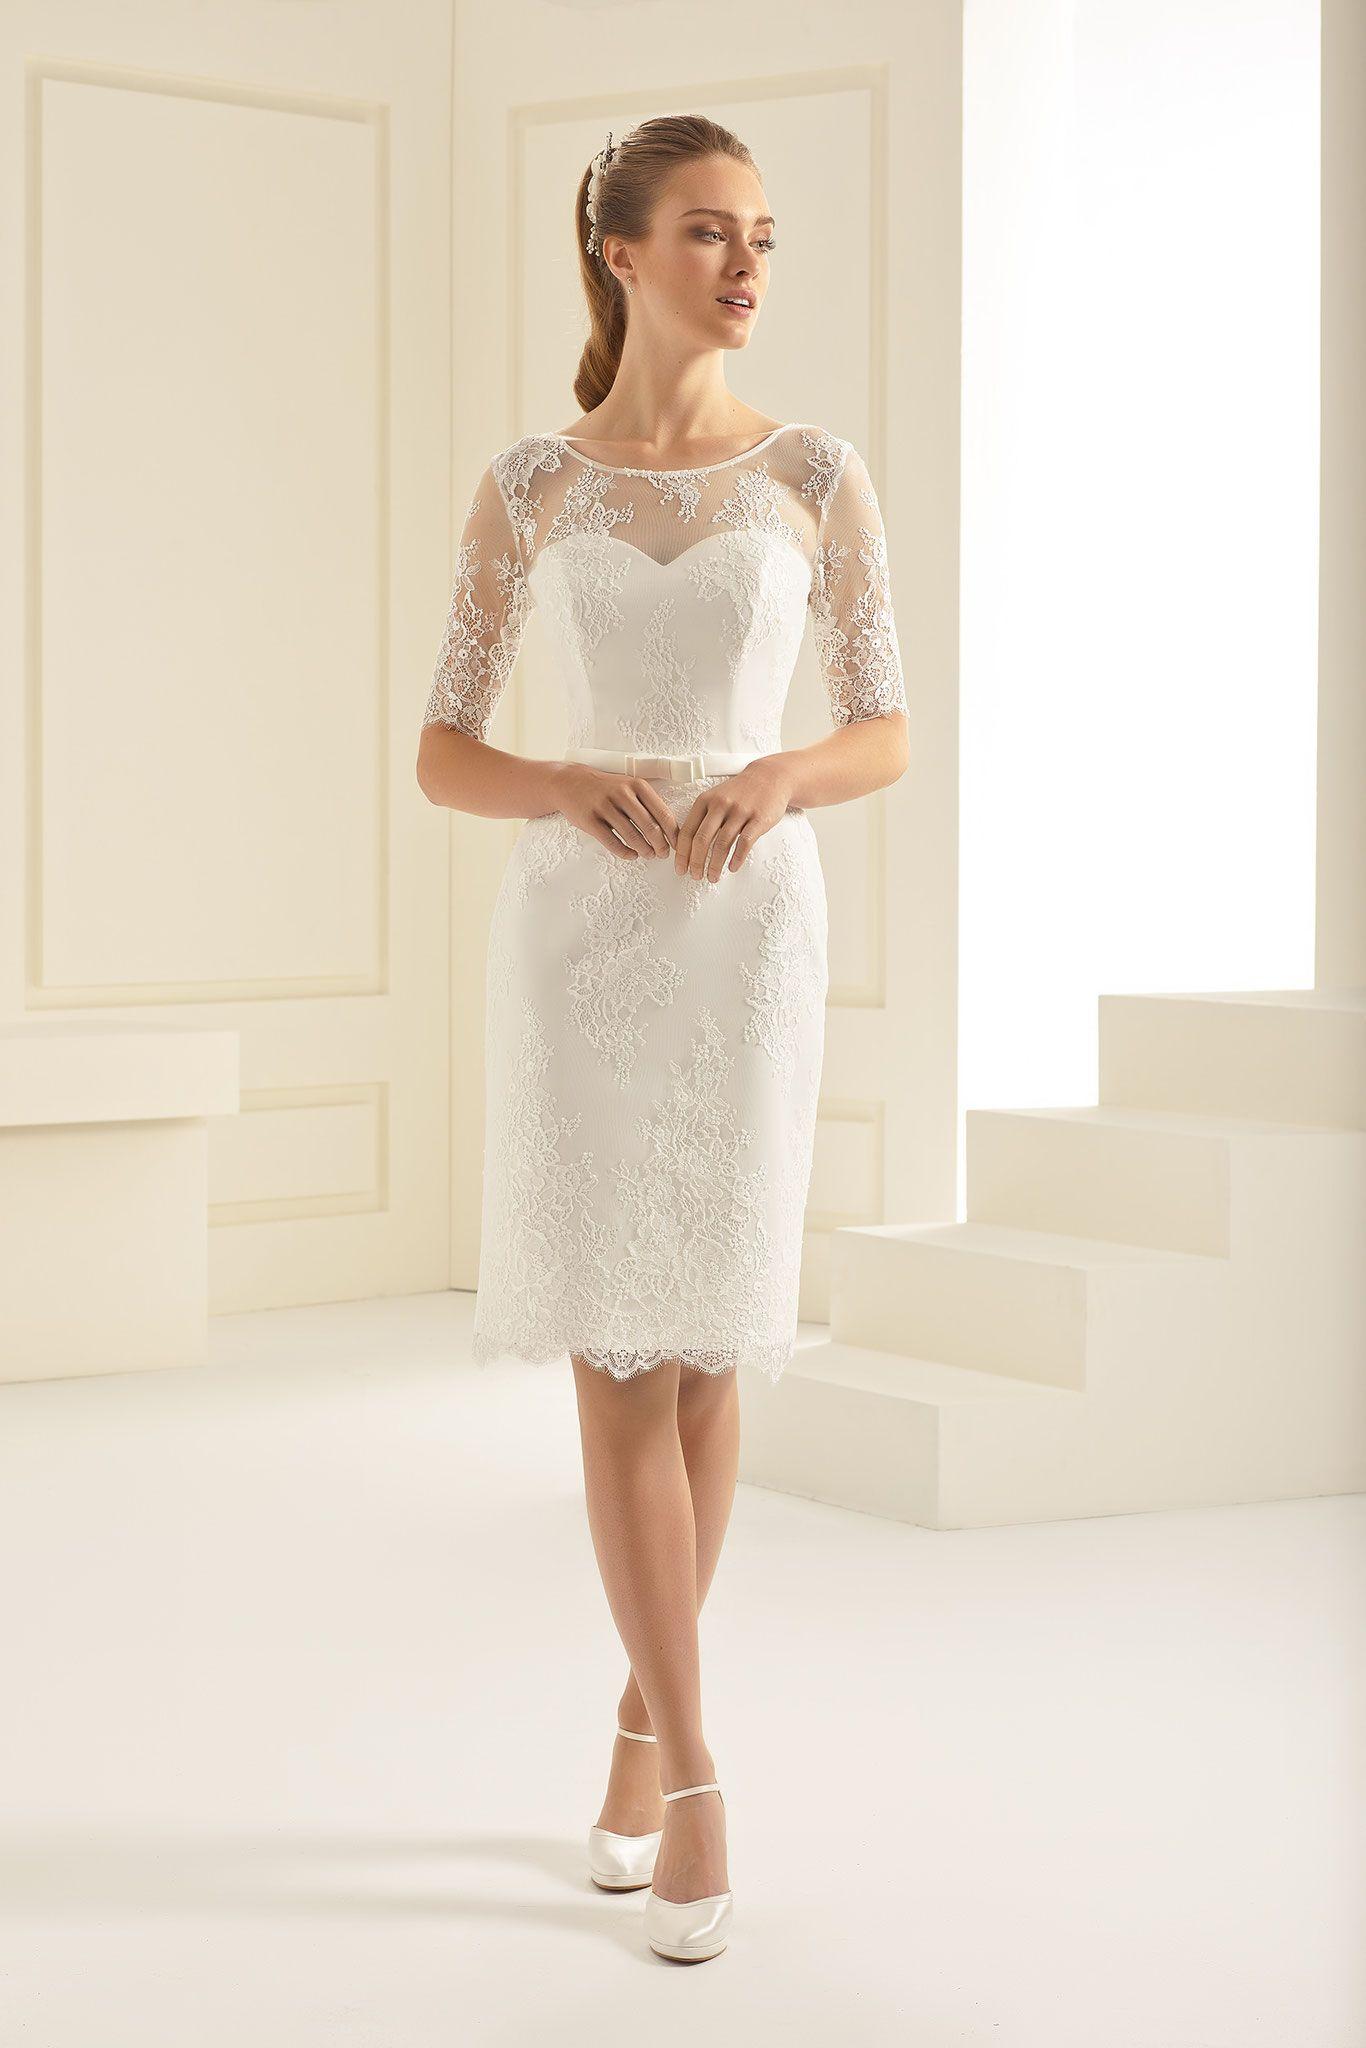 Brautmodentirol Tirolerbraut Brautkleider Hochzeitskleider Wedding Weddingdress Hochzeit Biancoevento Brautkle Brautkleid Gunstig Brautkleid Brautmode